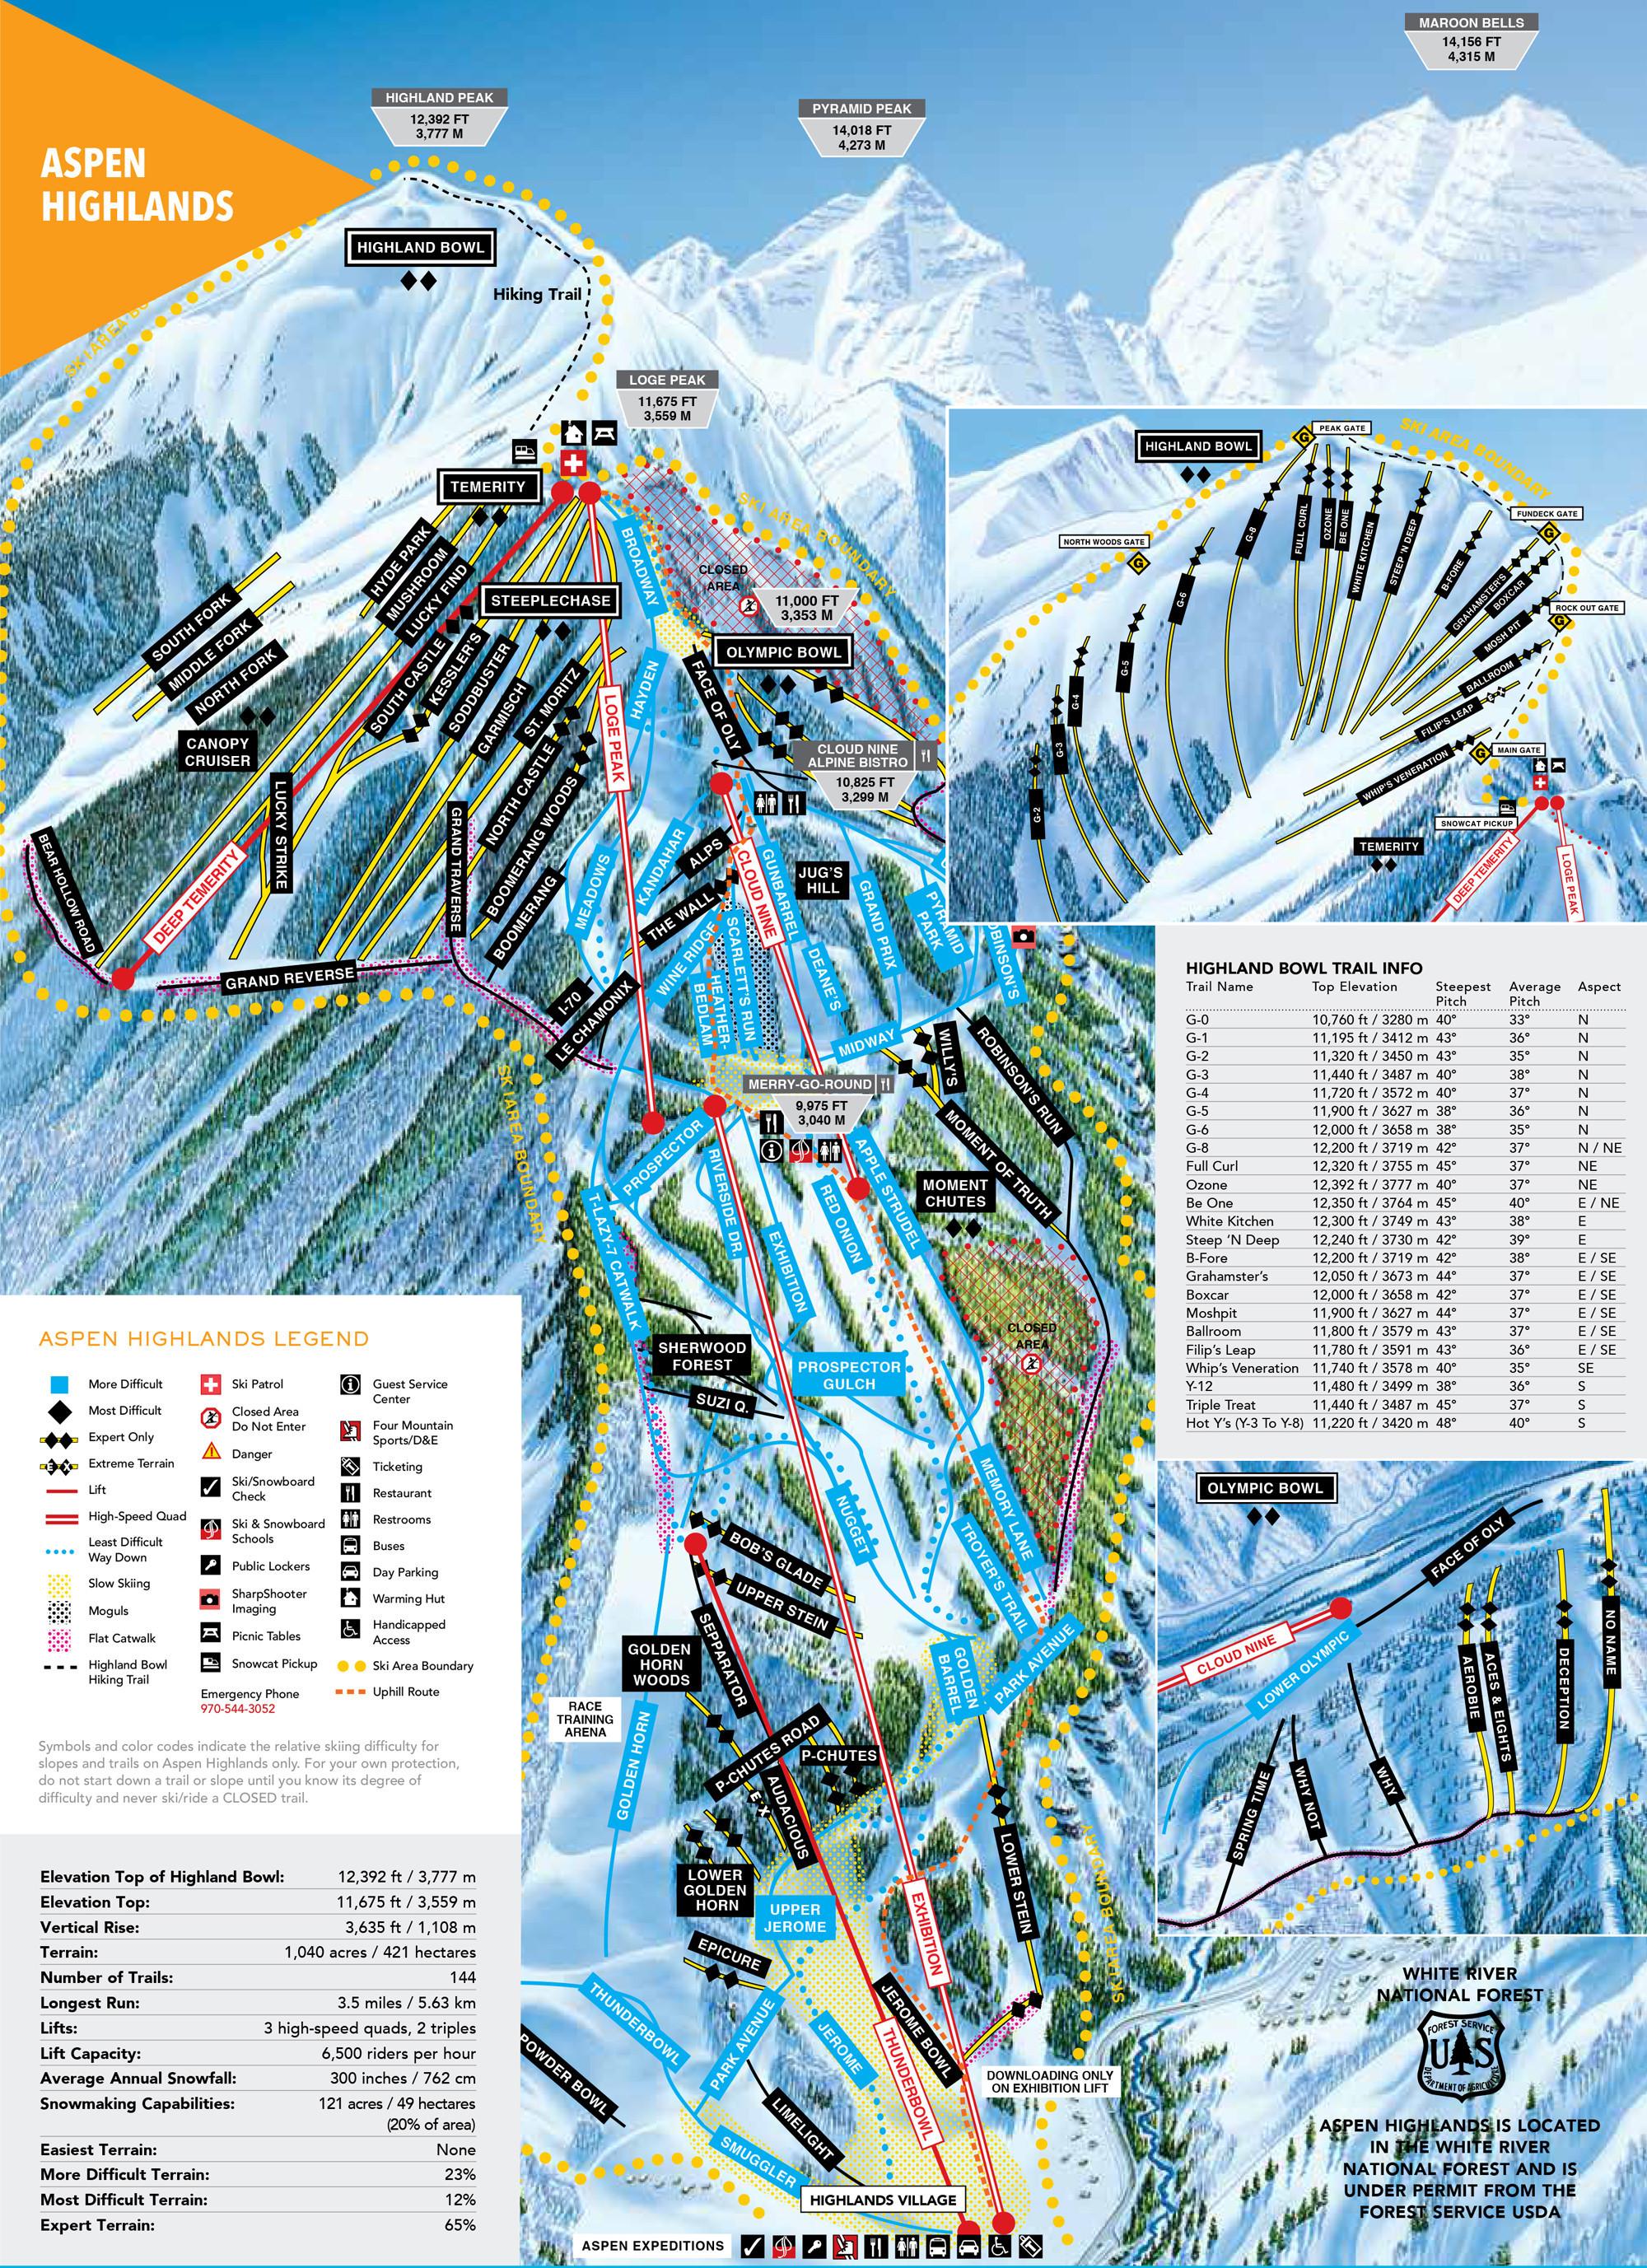 Pistenplan von Aspen Highlands